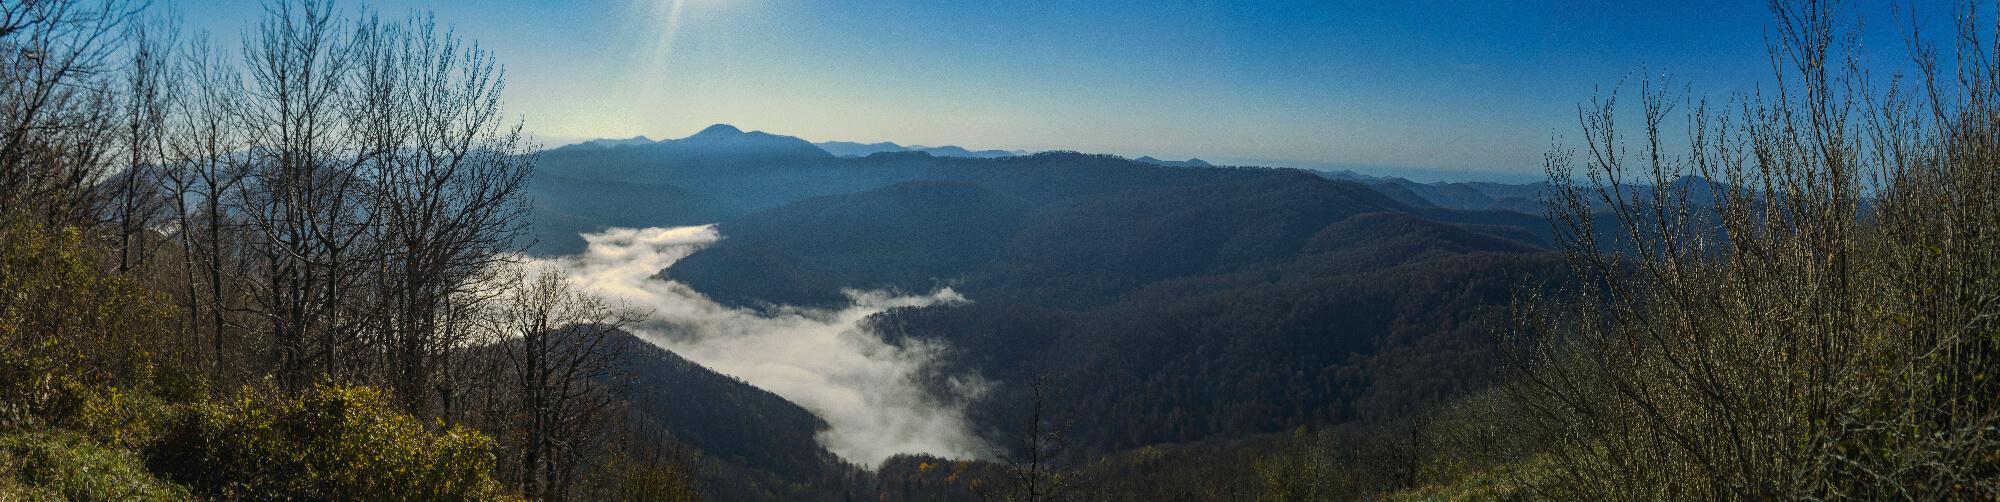 Панорама на восток с горы Псиф